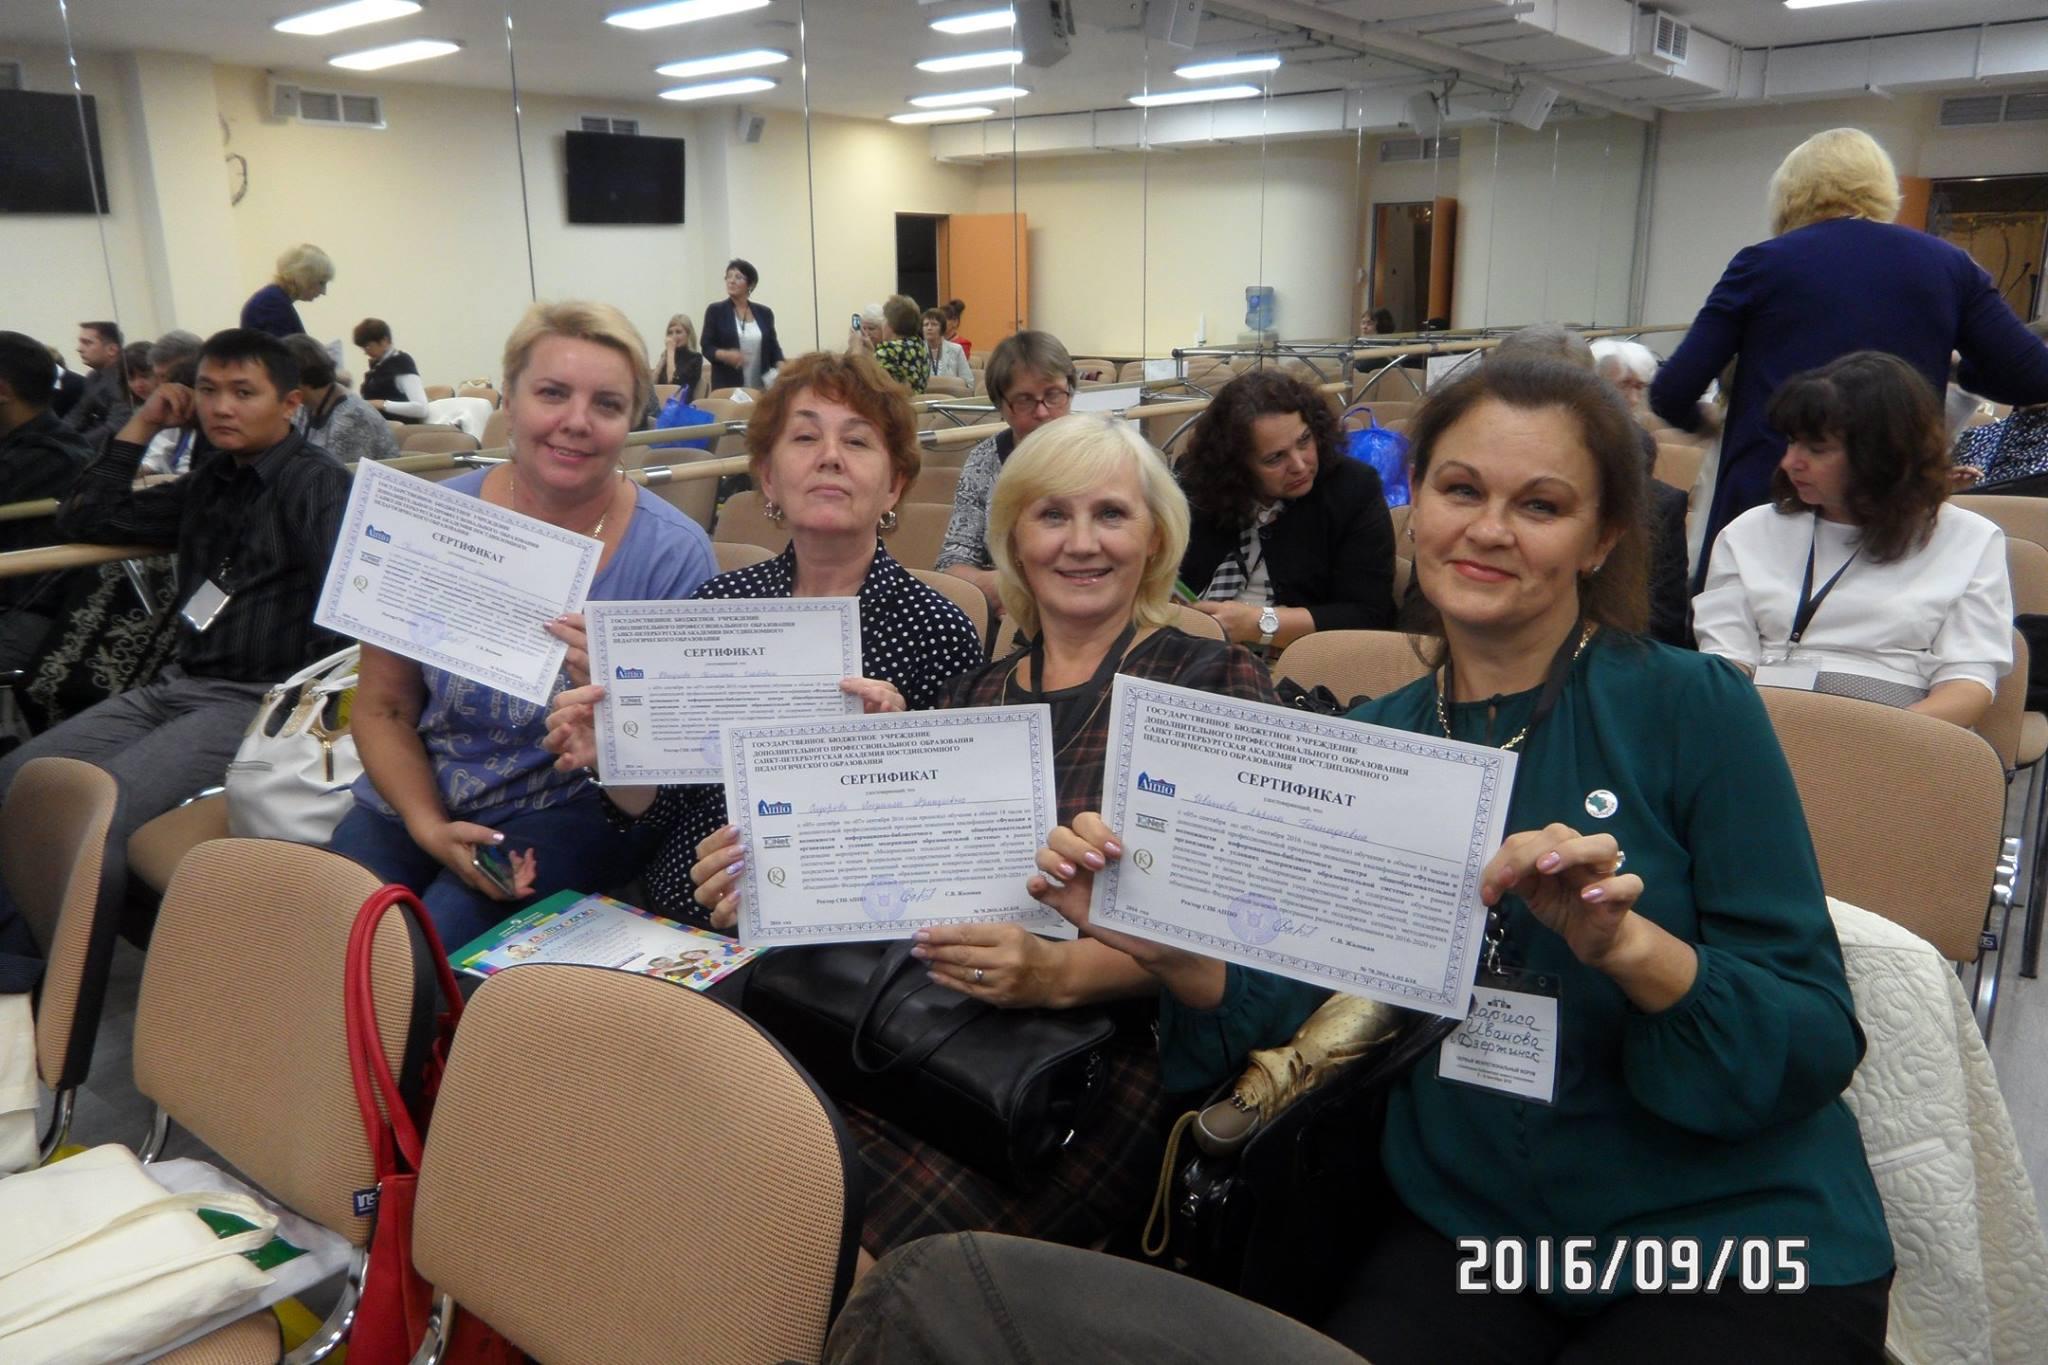 Сертификаты о прохождения курсов повышения квалификации